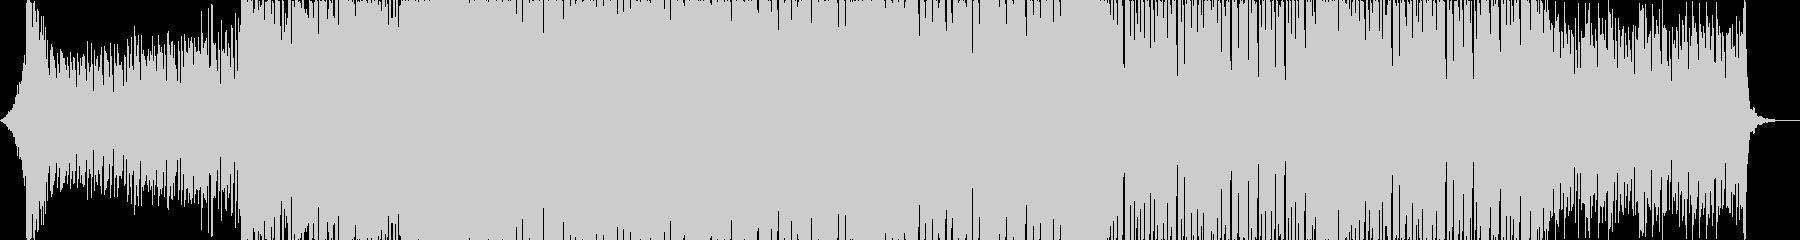 重低音のエモいピアノEDMの未再生の波形